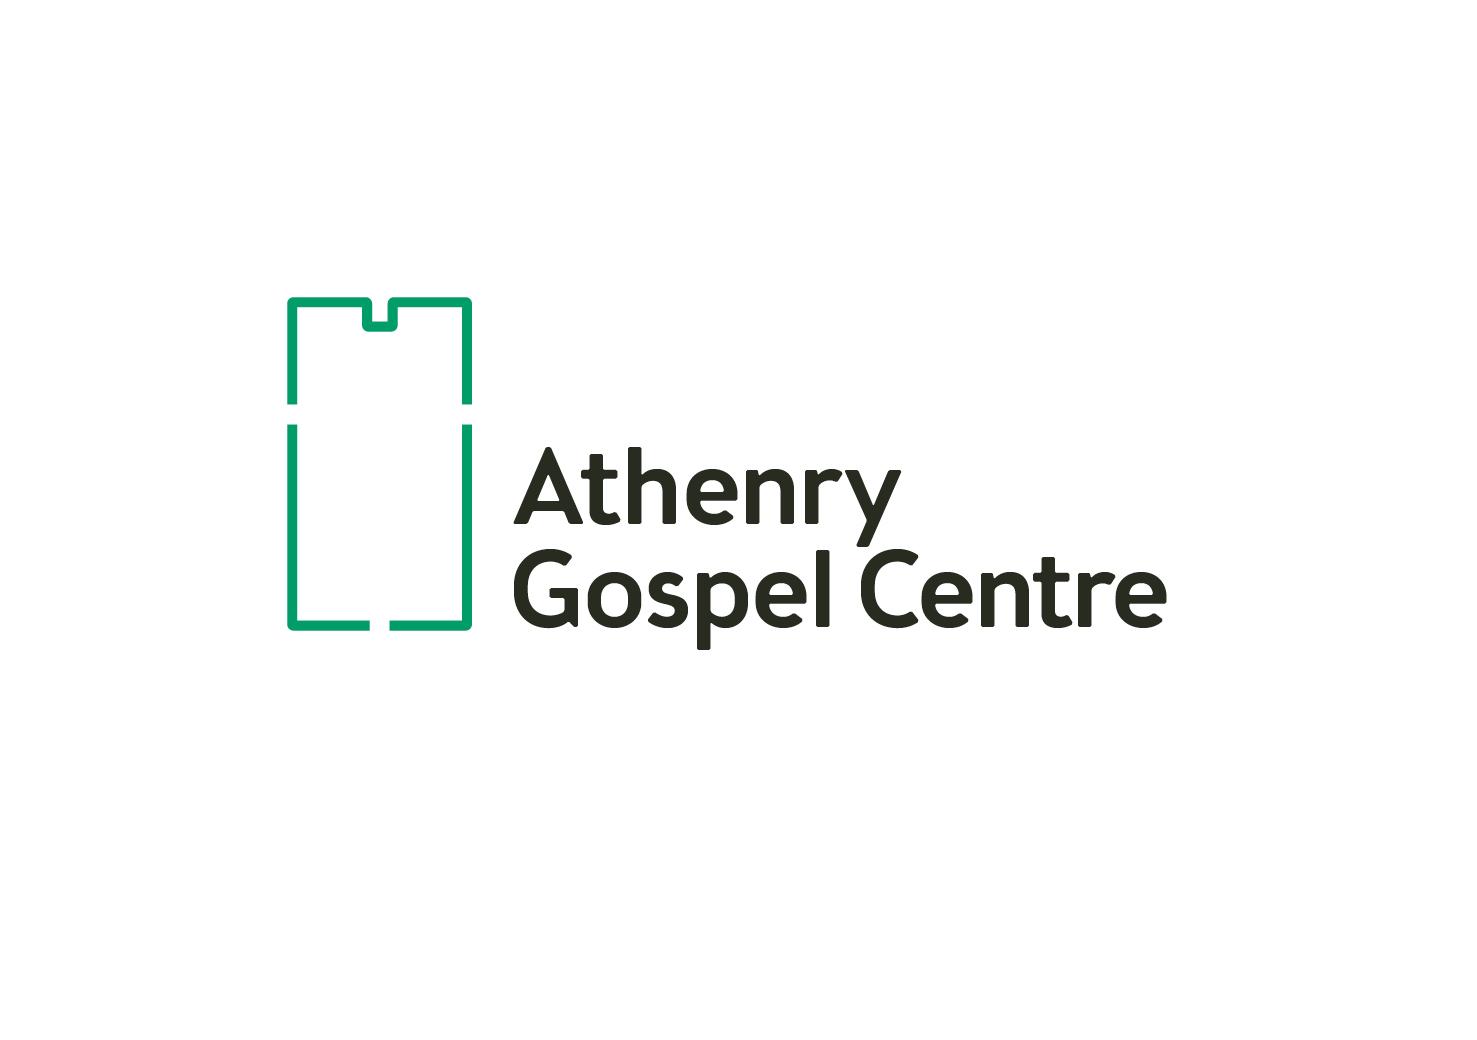 Athenry Gospel Centre Portfolio layout4.jpg